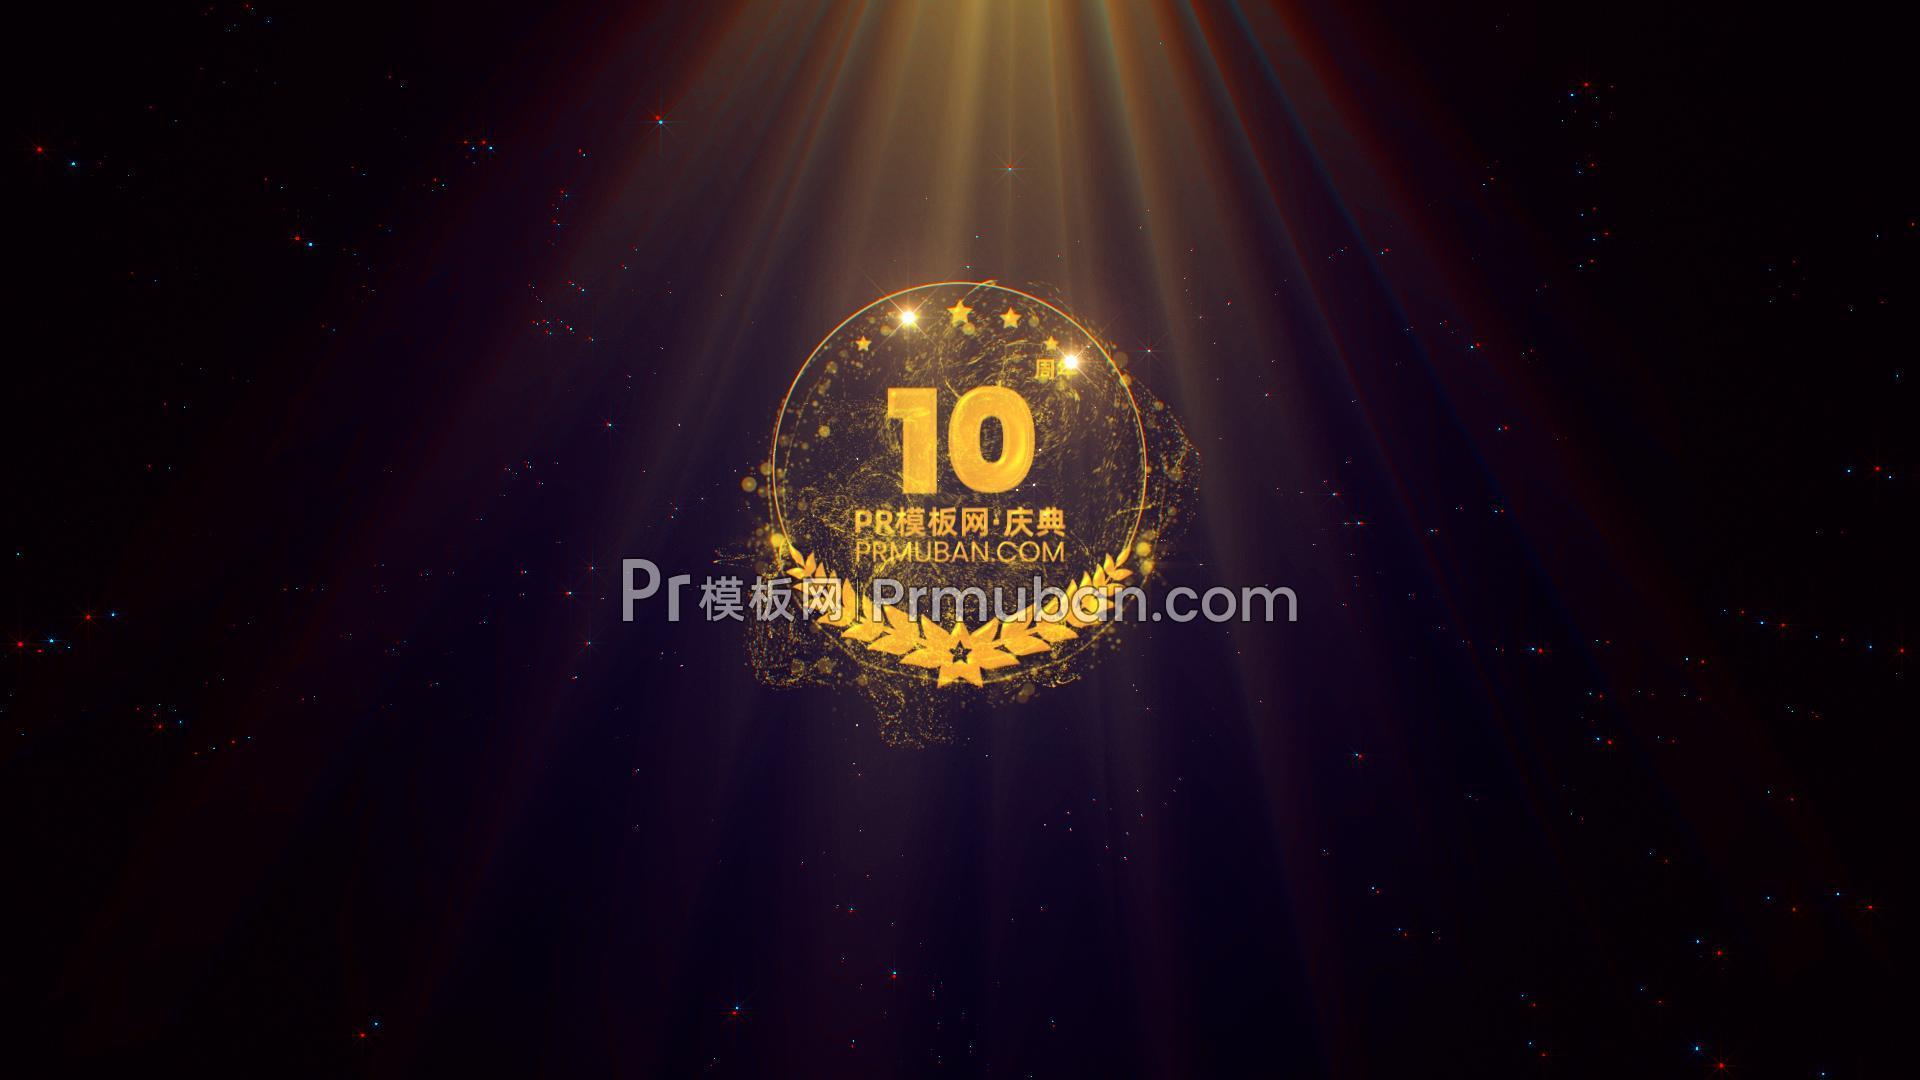 周年庆纪念日视频片头LOGO开场PR动态图形模板MOGRT